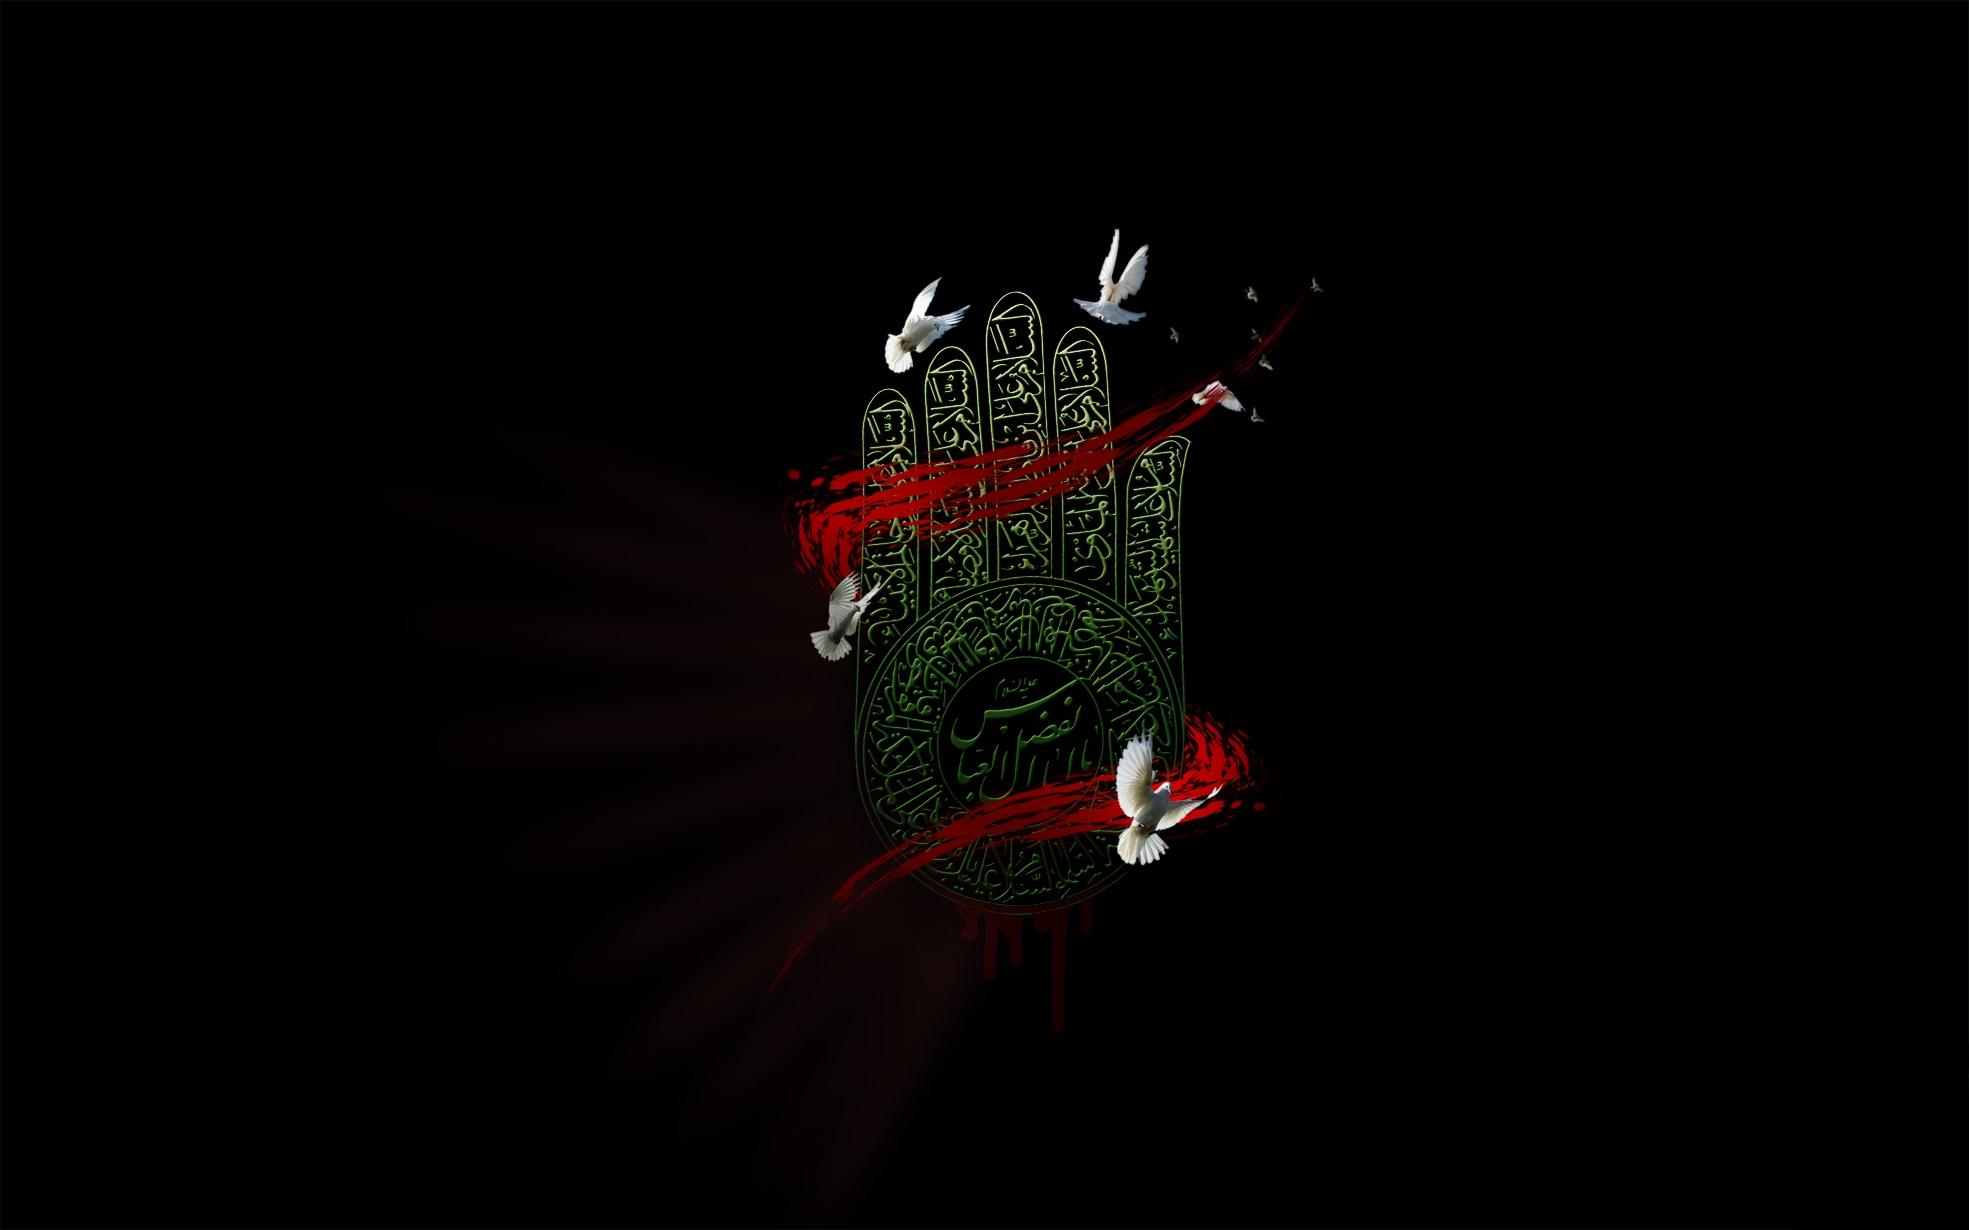 نام معشوق مبر نزد من از عشق مگو عشق دیریست كه در پیچ و خم عباس است  هر چه داریم همه از كرَم عباس است خلقت جنت حق لطف كرم عباس است